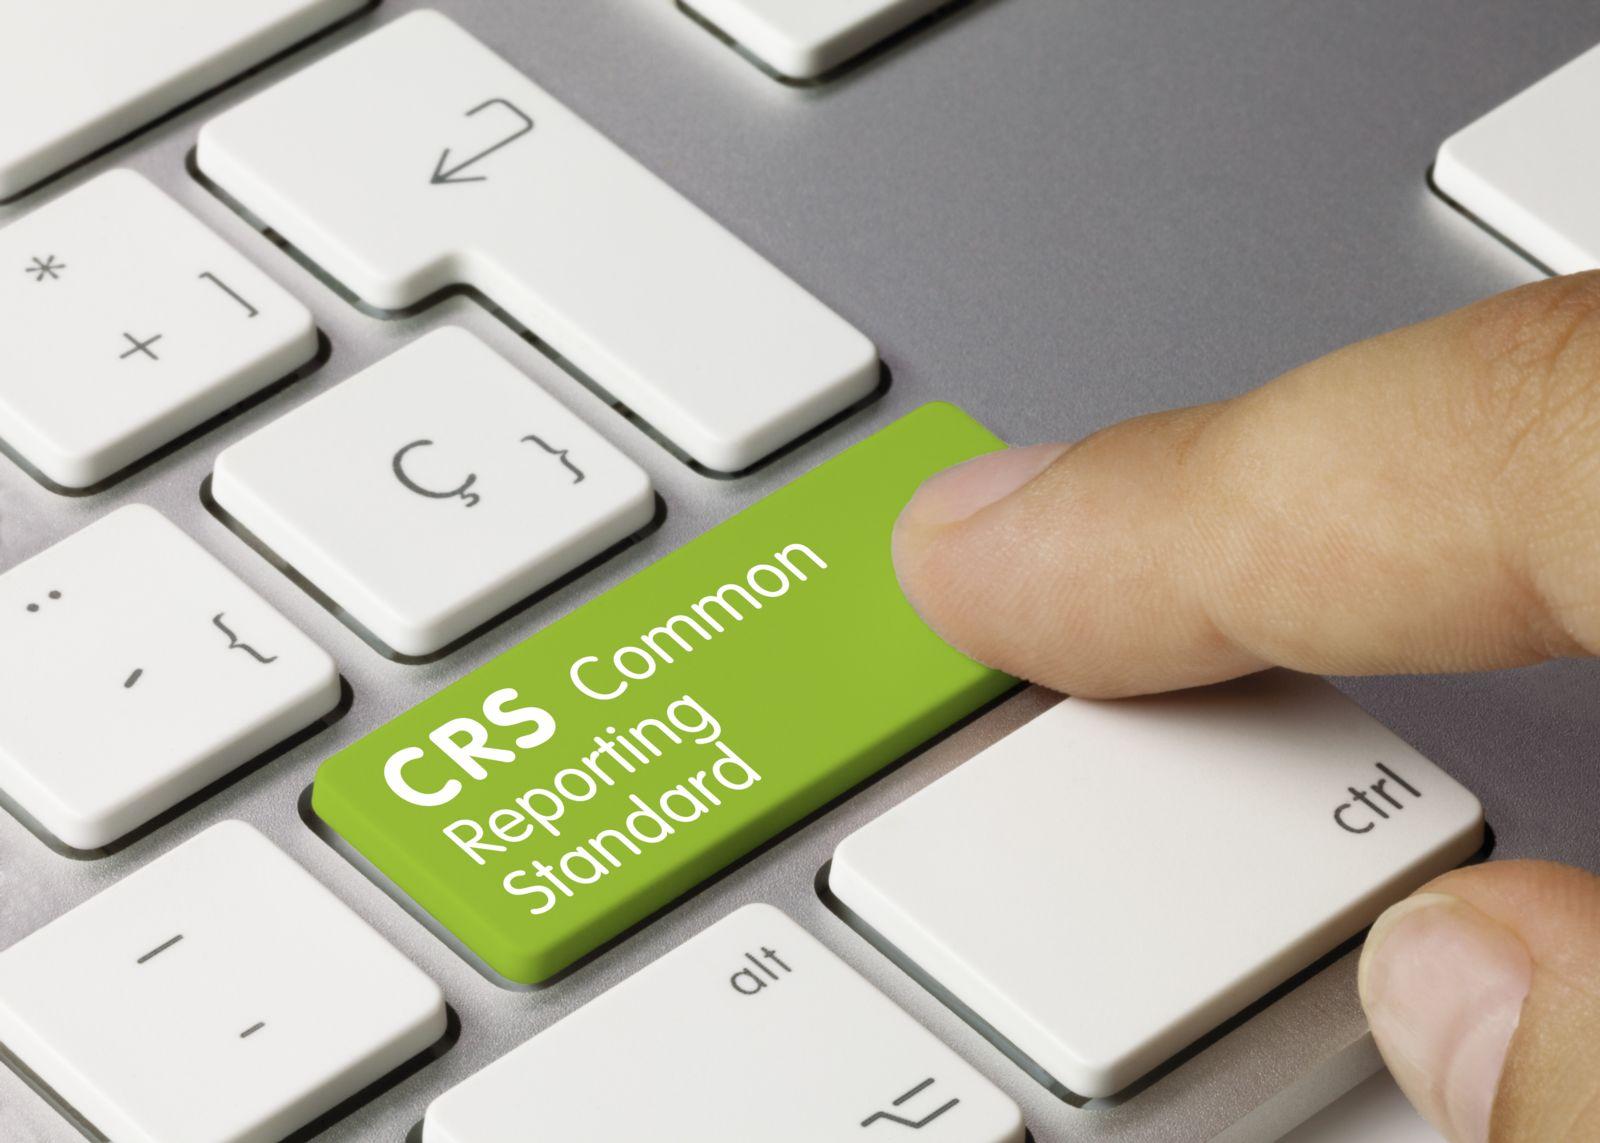 Teclado de Computadora con CRS